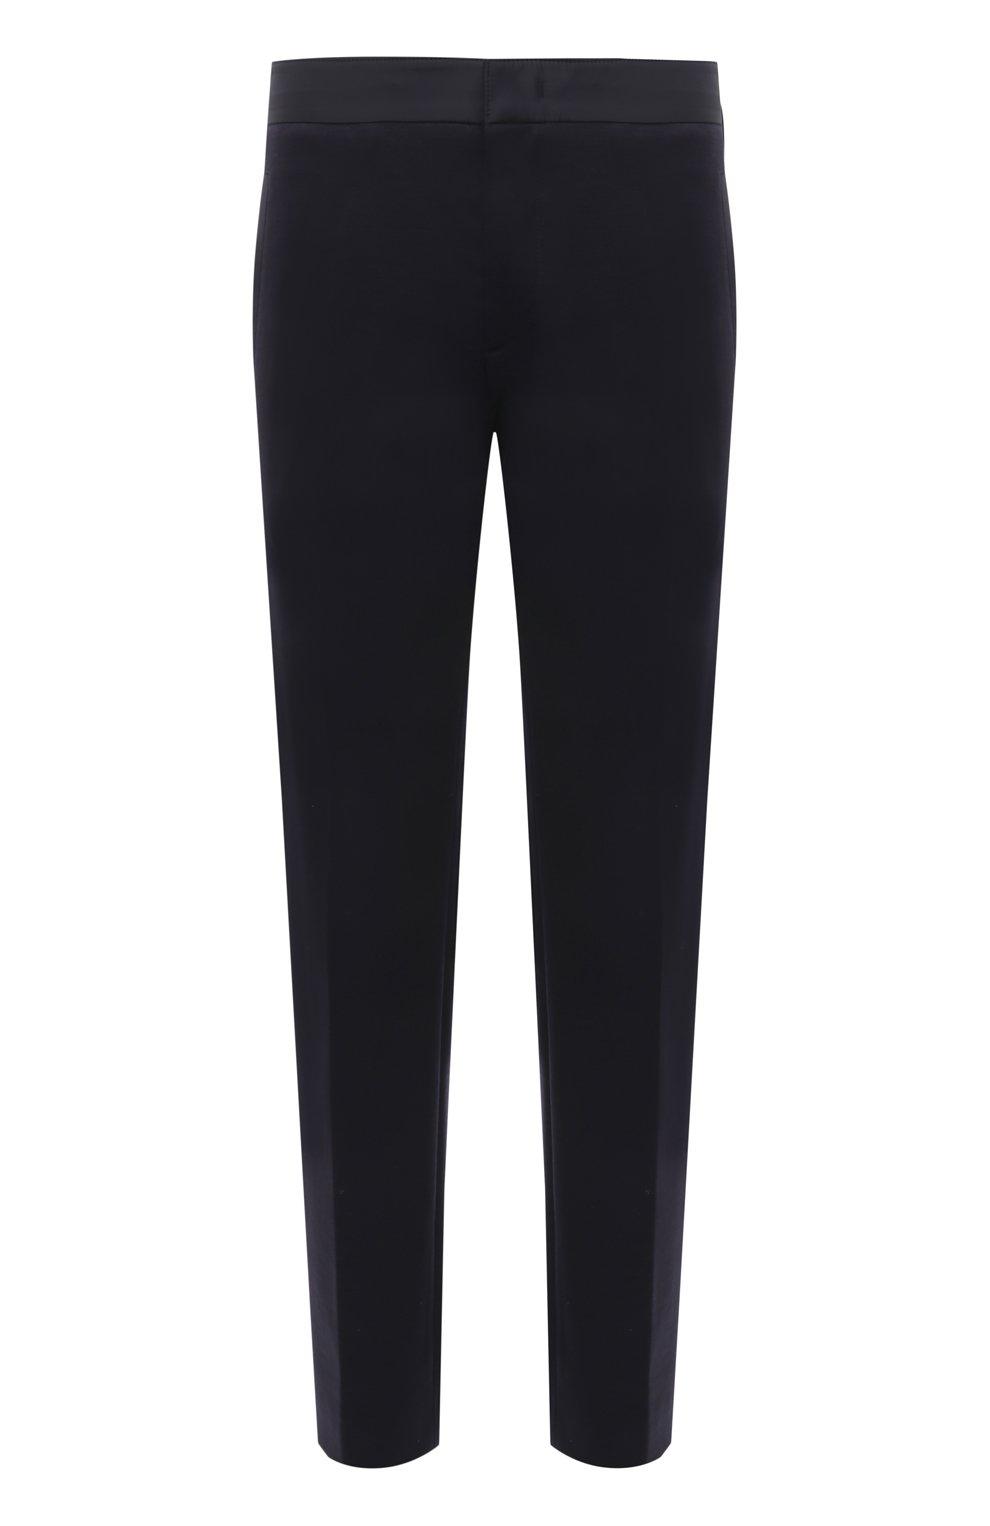 Мужские брюки BOGNER темно-синего цвета, арт. 18406508   Фото 1 (Материал внешний: Шерсть, Синтетический материал; Длина (брюки, джинсы): Стандартные; Случай: Повседневный; Стили: Кэжуэл)